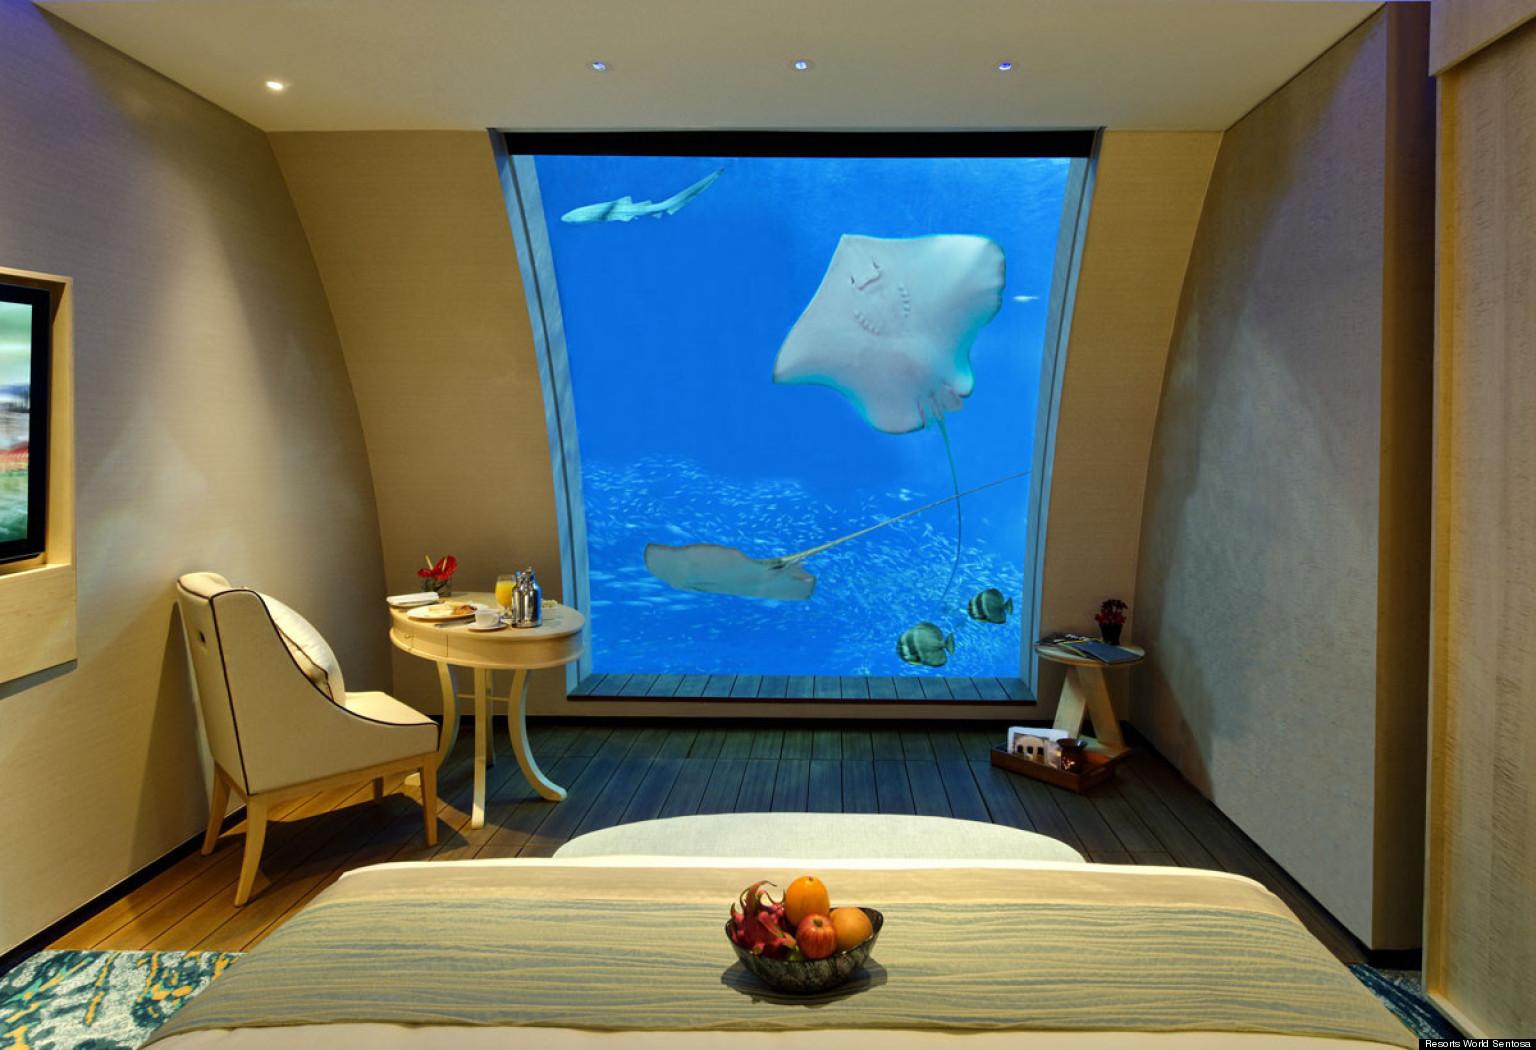 Singapore Aquarium Hotel New Sentosa Suites With Windows Photos Huffpost